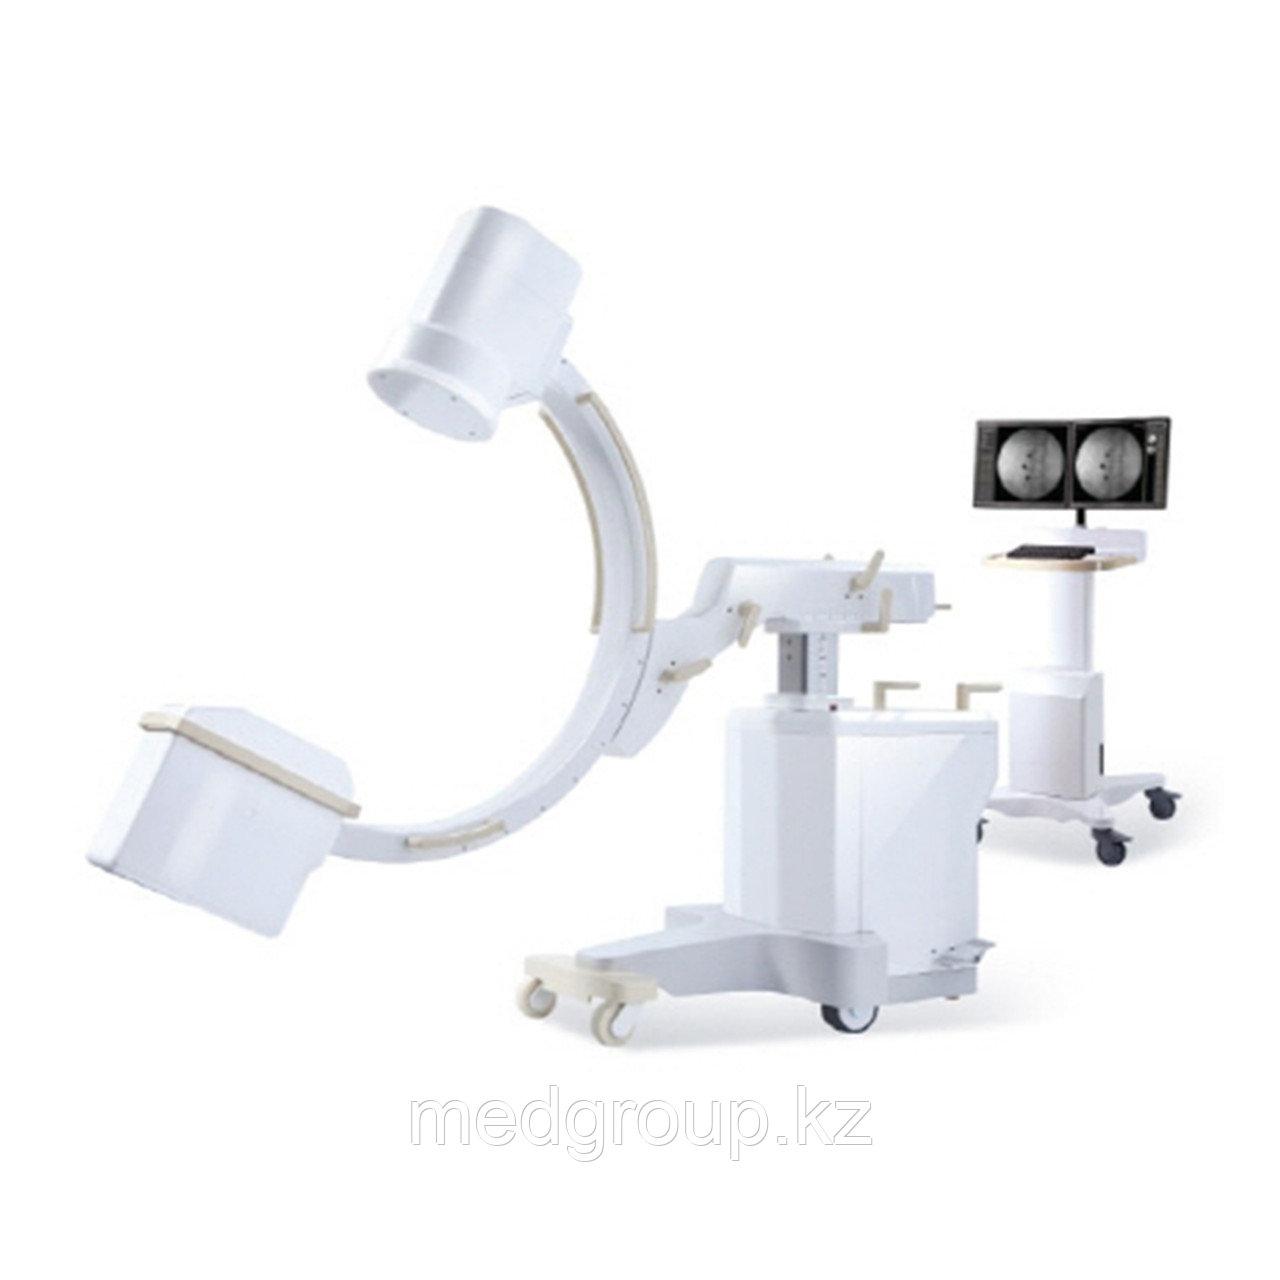 Цифровая операционная рентгенографическая система на базе С-дуги Medien Armes 35